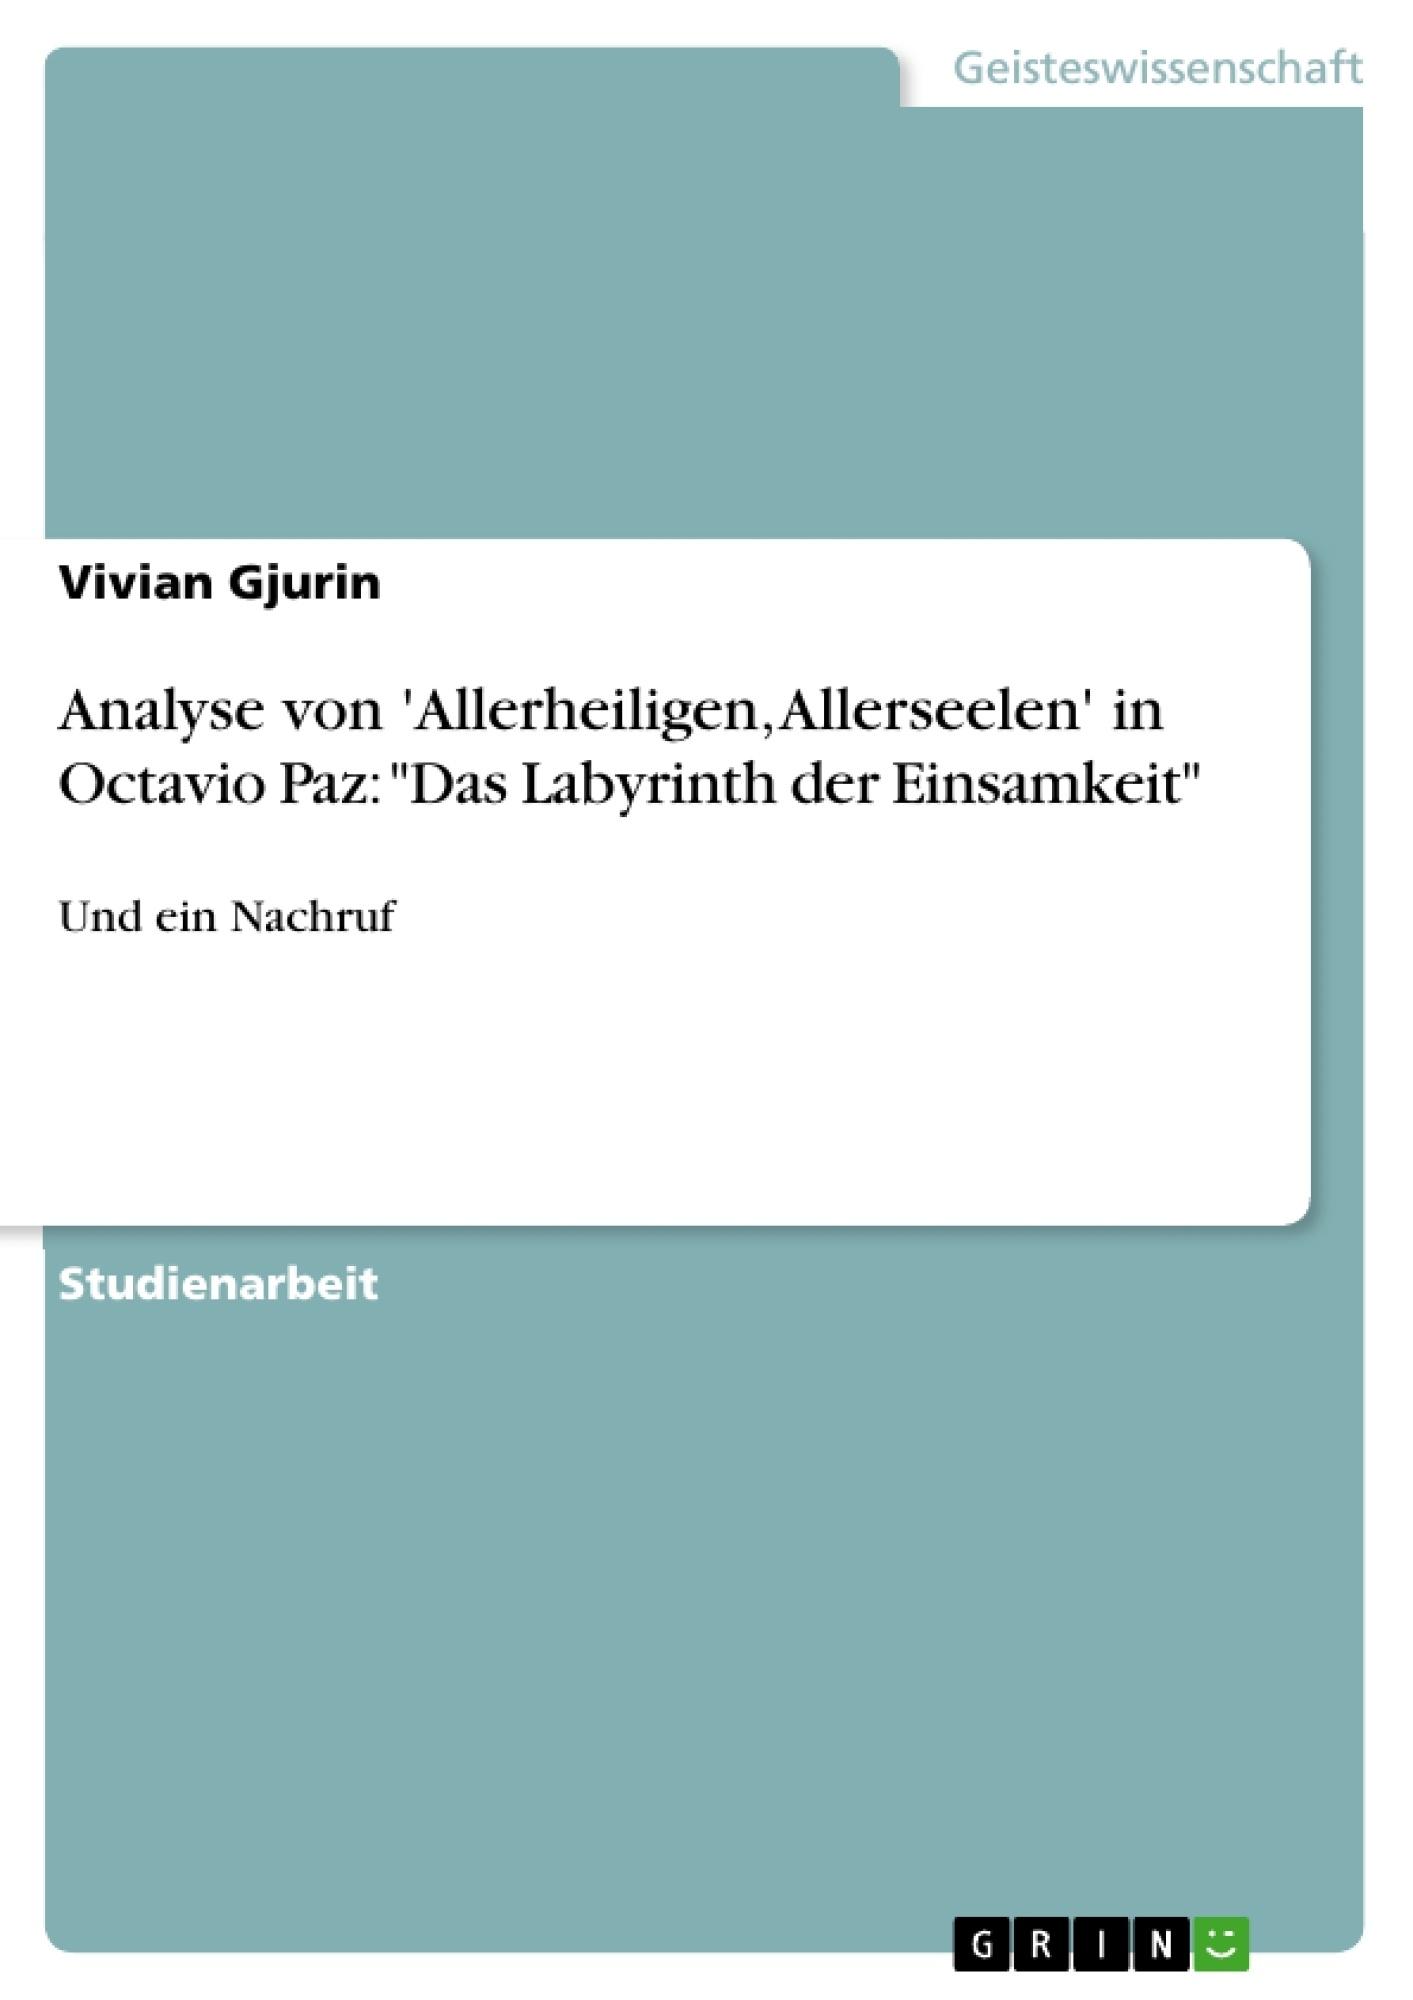 """Titel: Analyse von 'Allerheiligen, Allerseelen' in Octavio Paz: """"Das Labyrinth der Einsamkeit"""""""